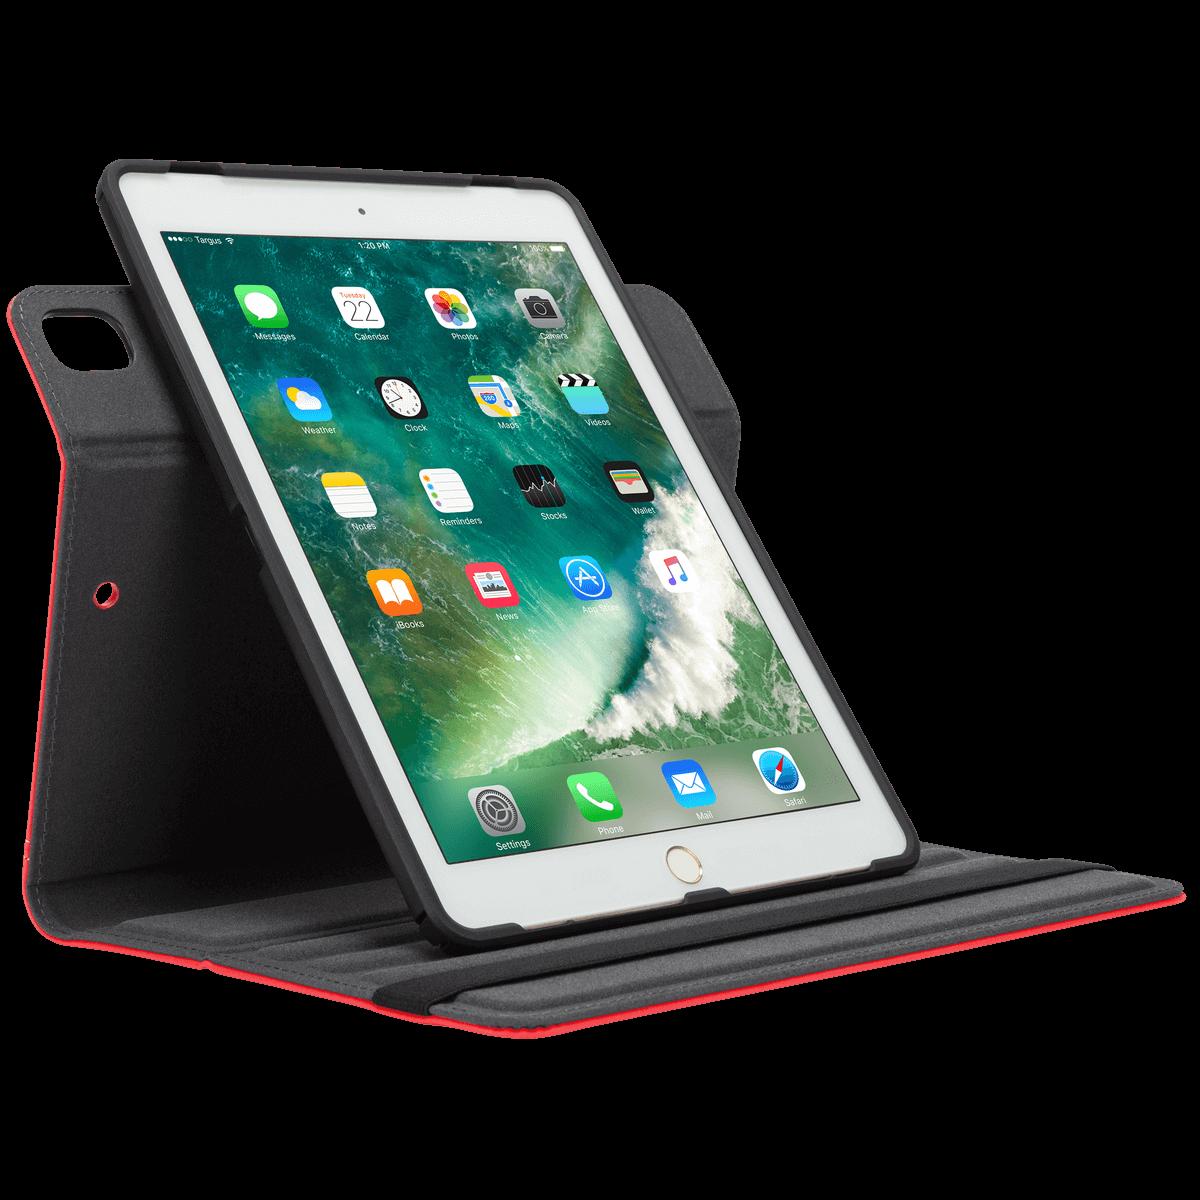 Versavu Classic For Ipad 6th Gen 5th Gen Ipad Pro 9 7 Inch Ipad Air 2 And Ipad Air Red Ipad Air 2 Ipad Pro Ipad